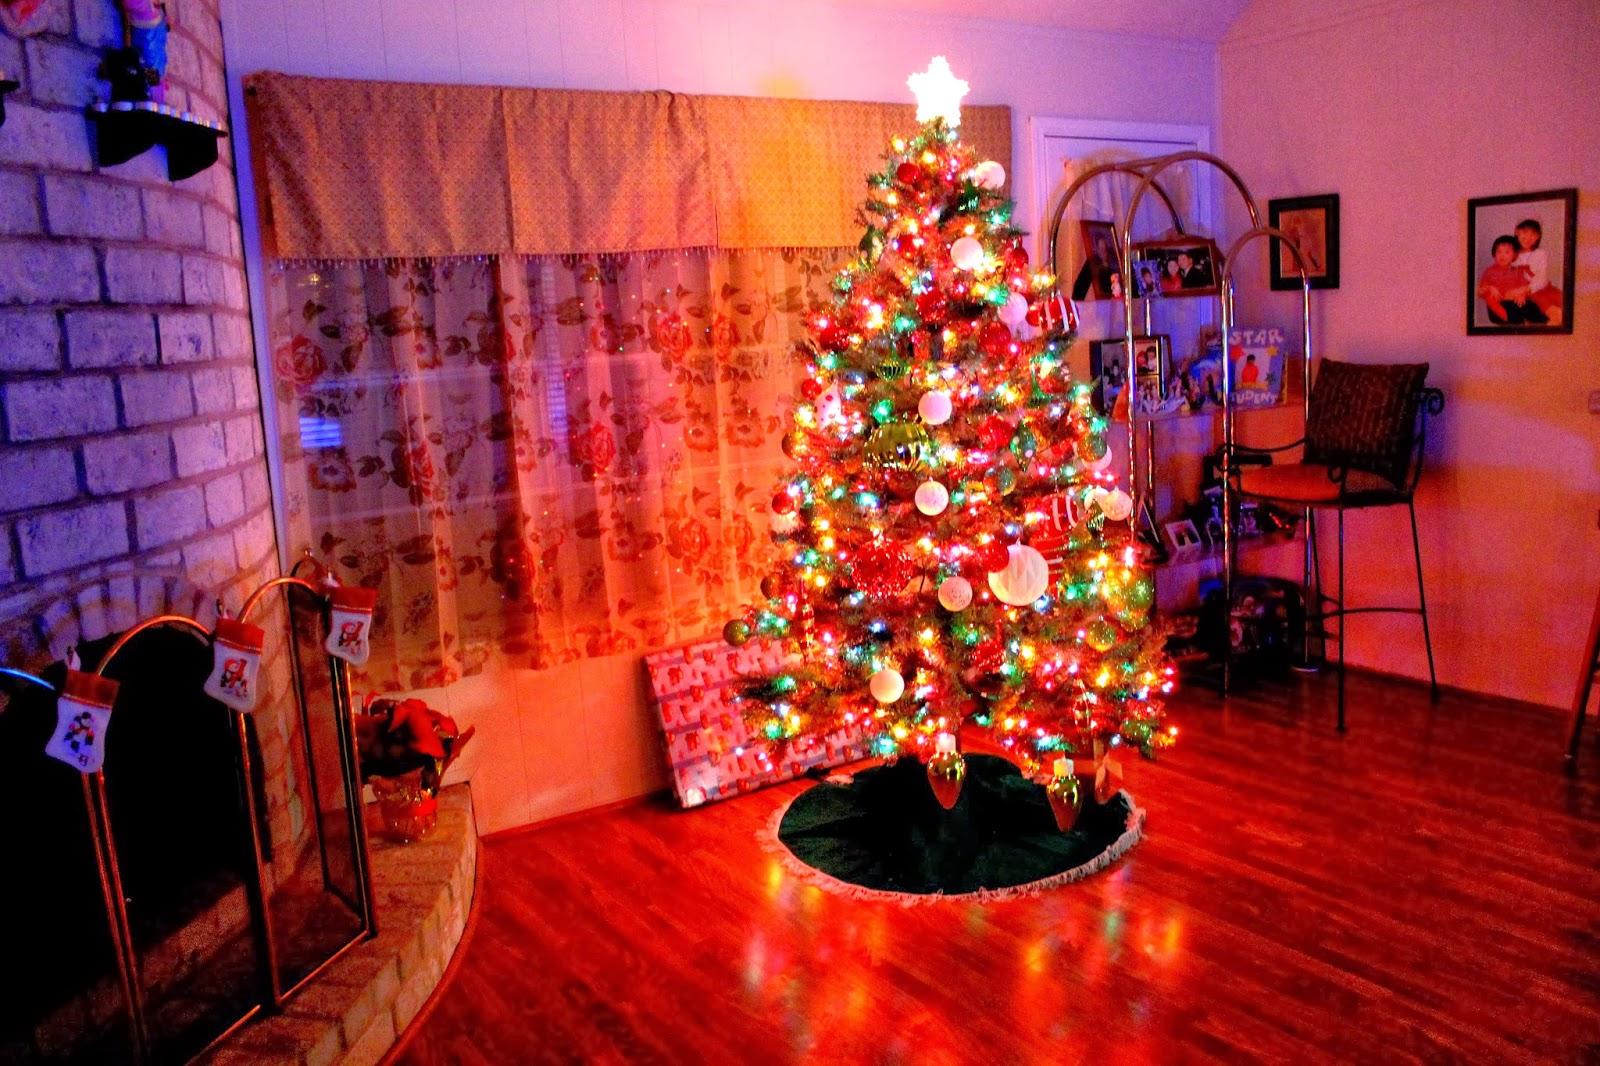 Mein auslandsjahr in den usa november 2013 for Amerikanischer weihnachtsbaum